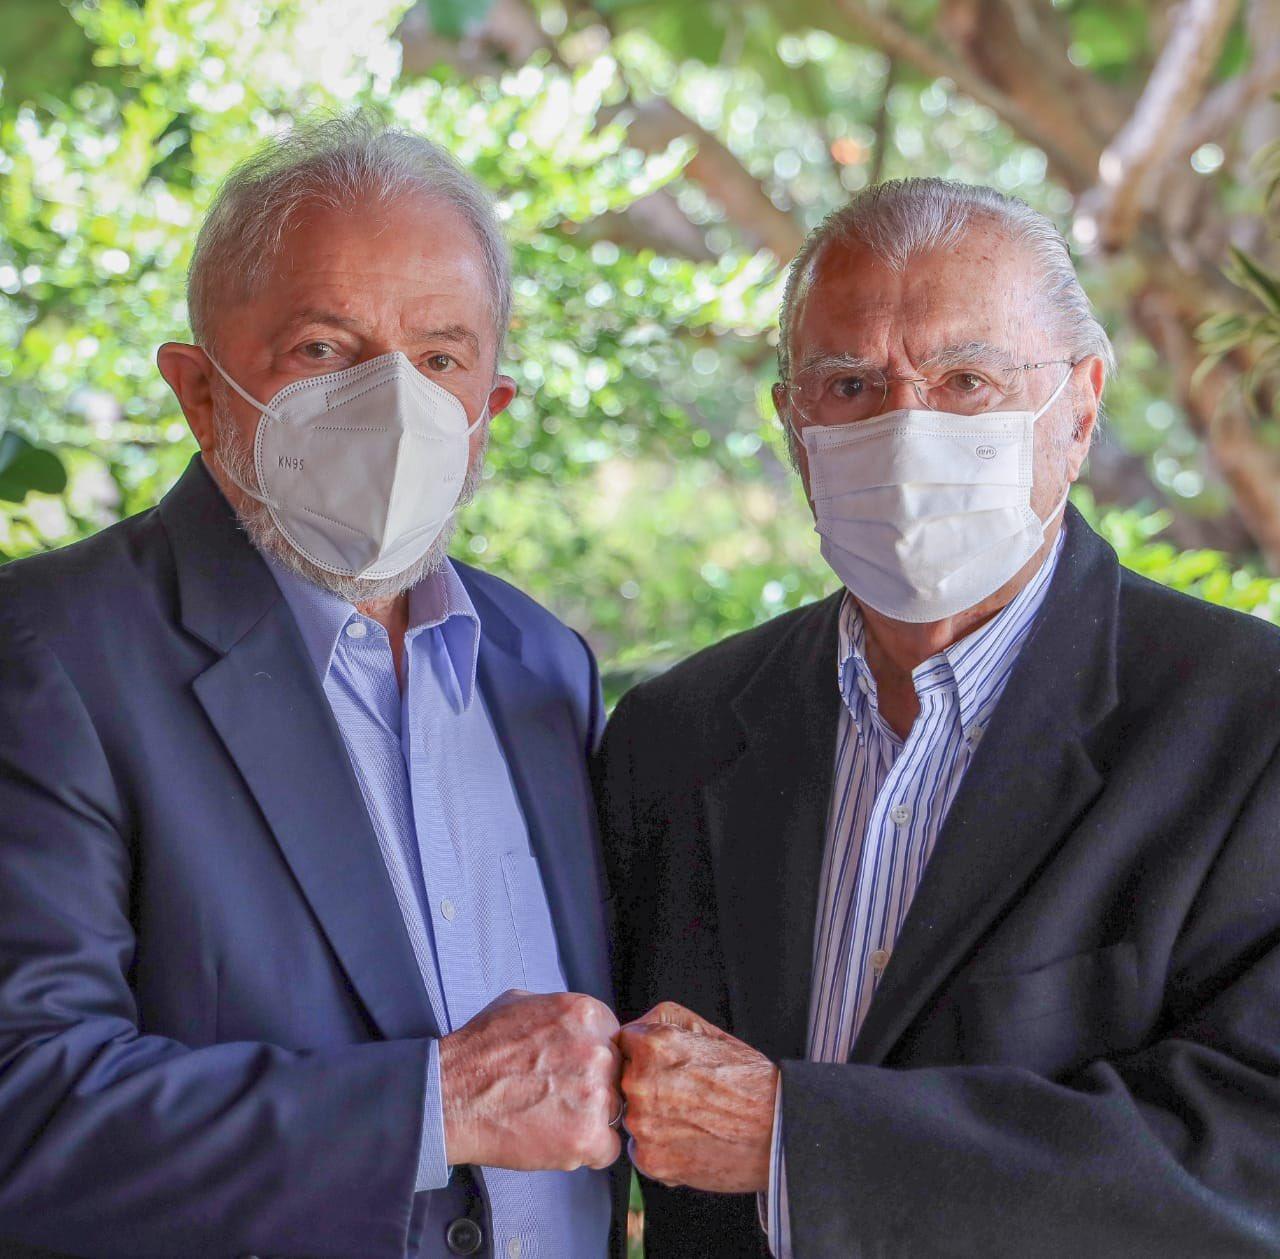 Lula e José Sarney em encontro em Brasília - Foto: Divulgação